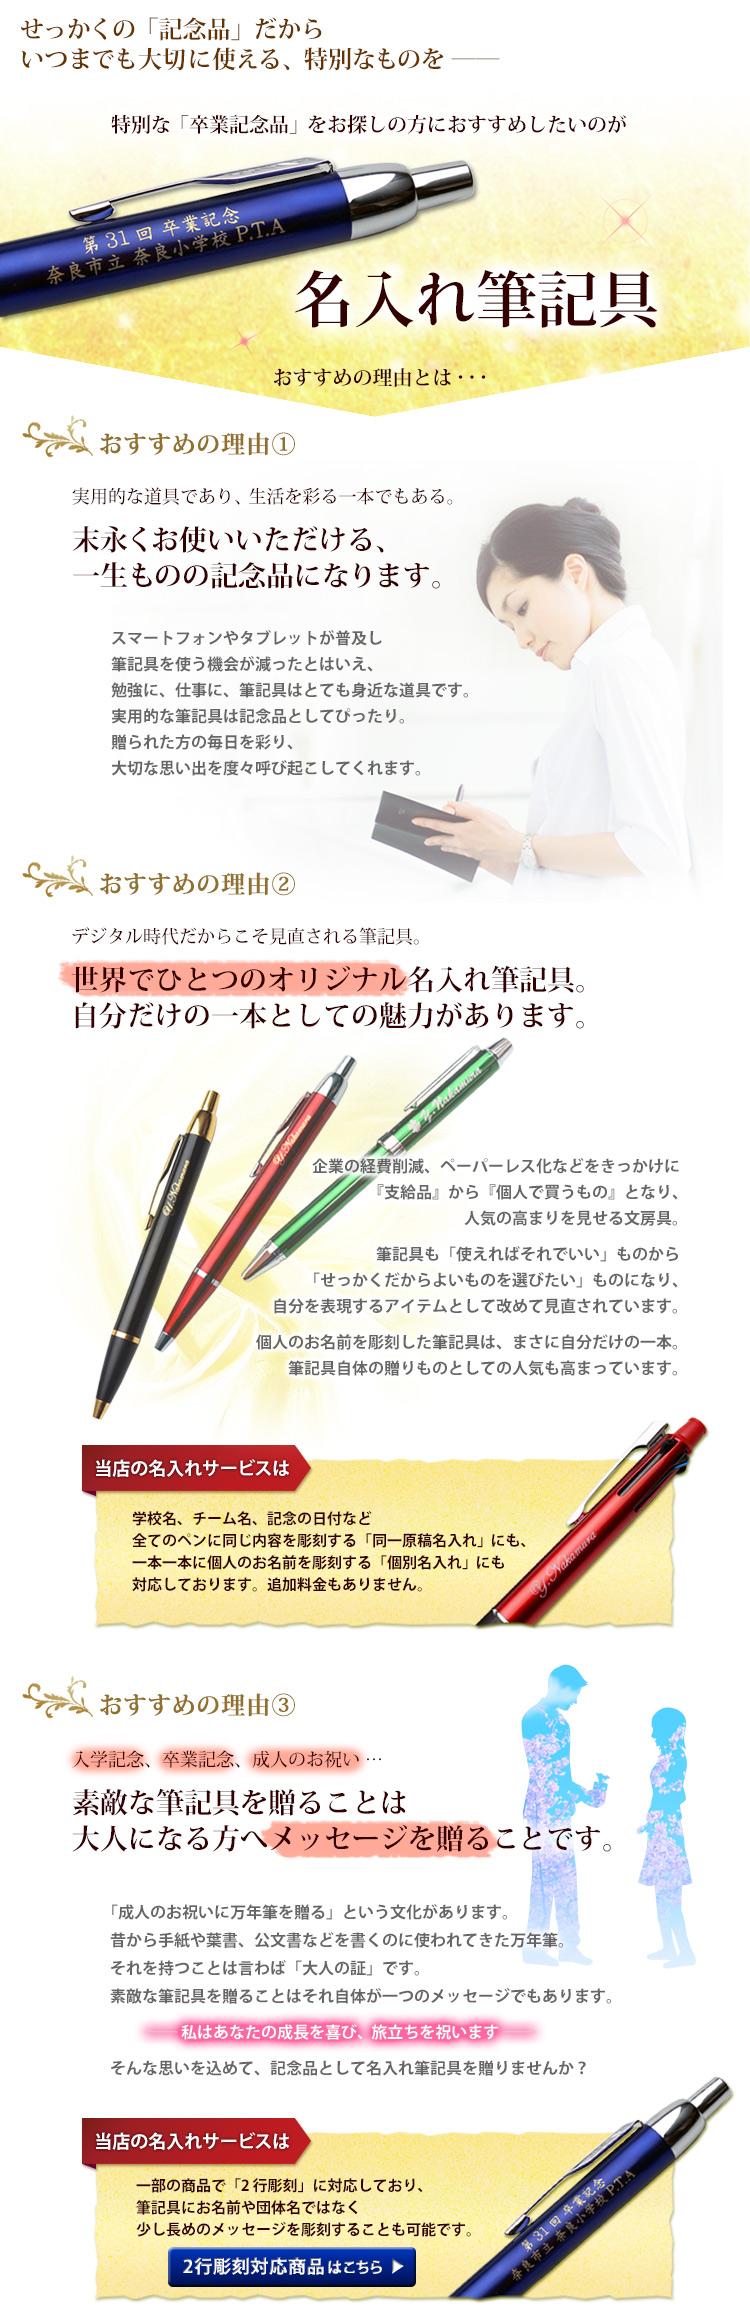 記念品におすすめ、名入れ筆記具